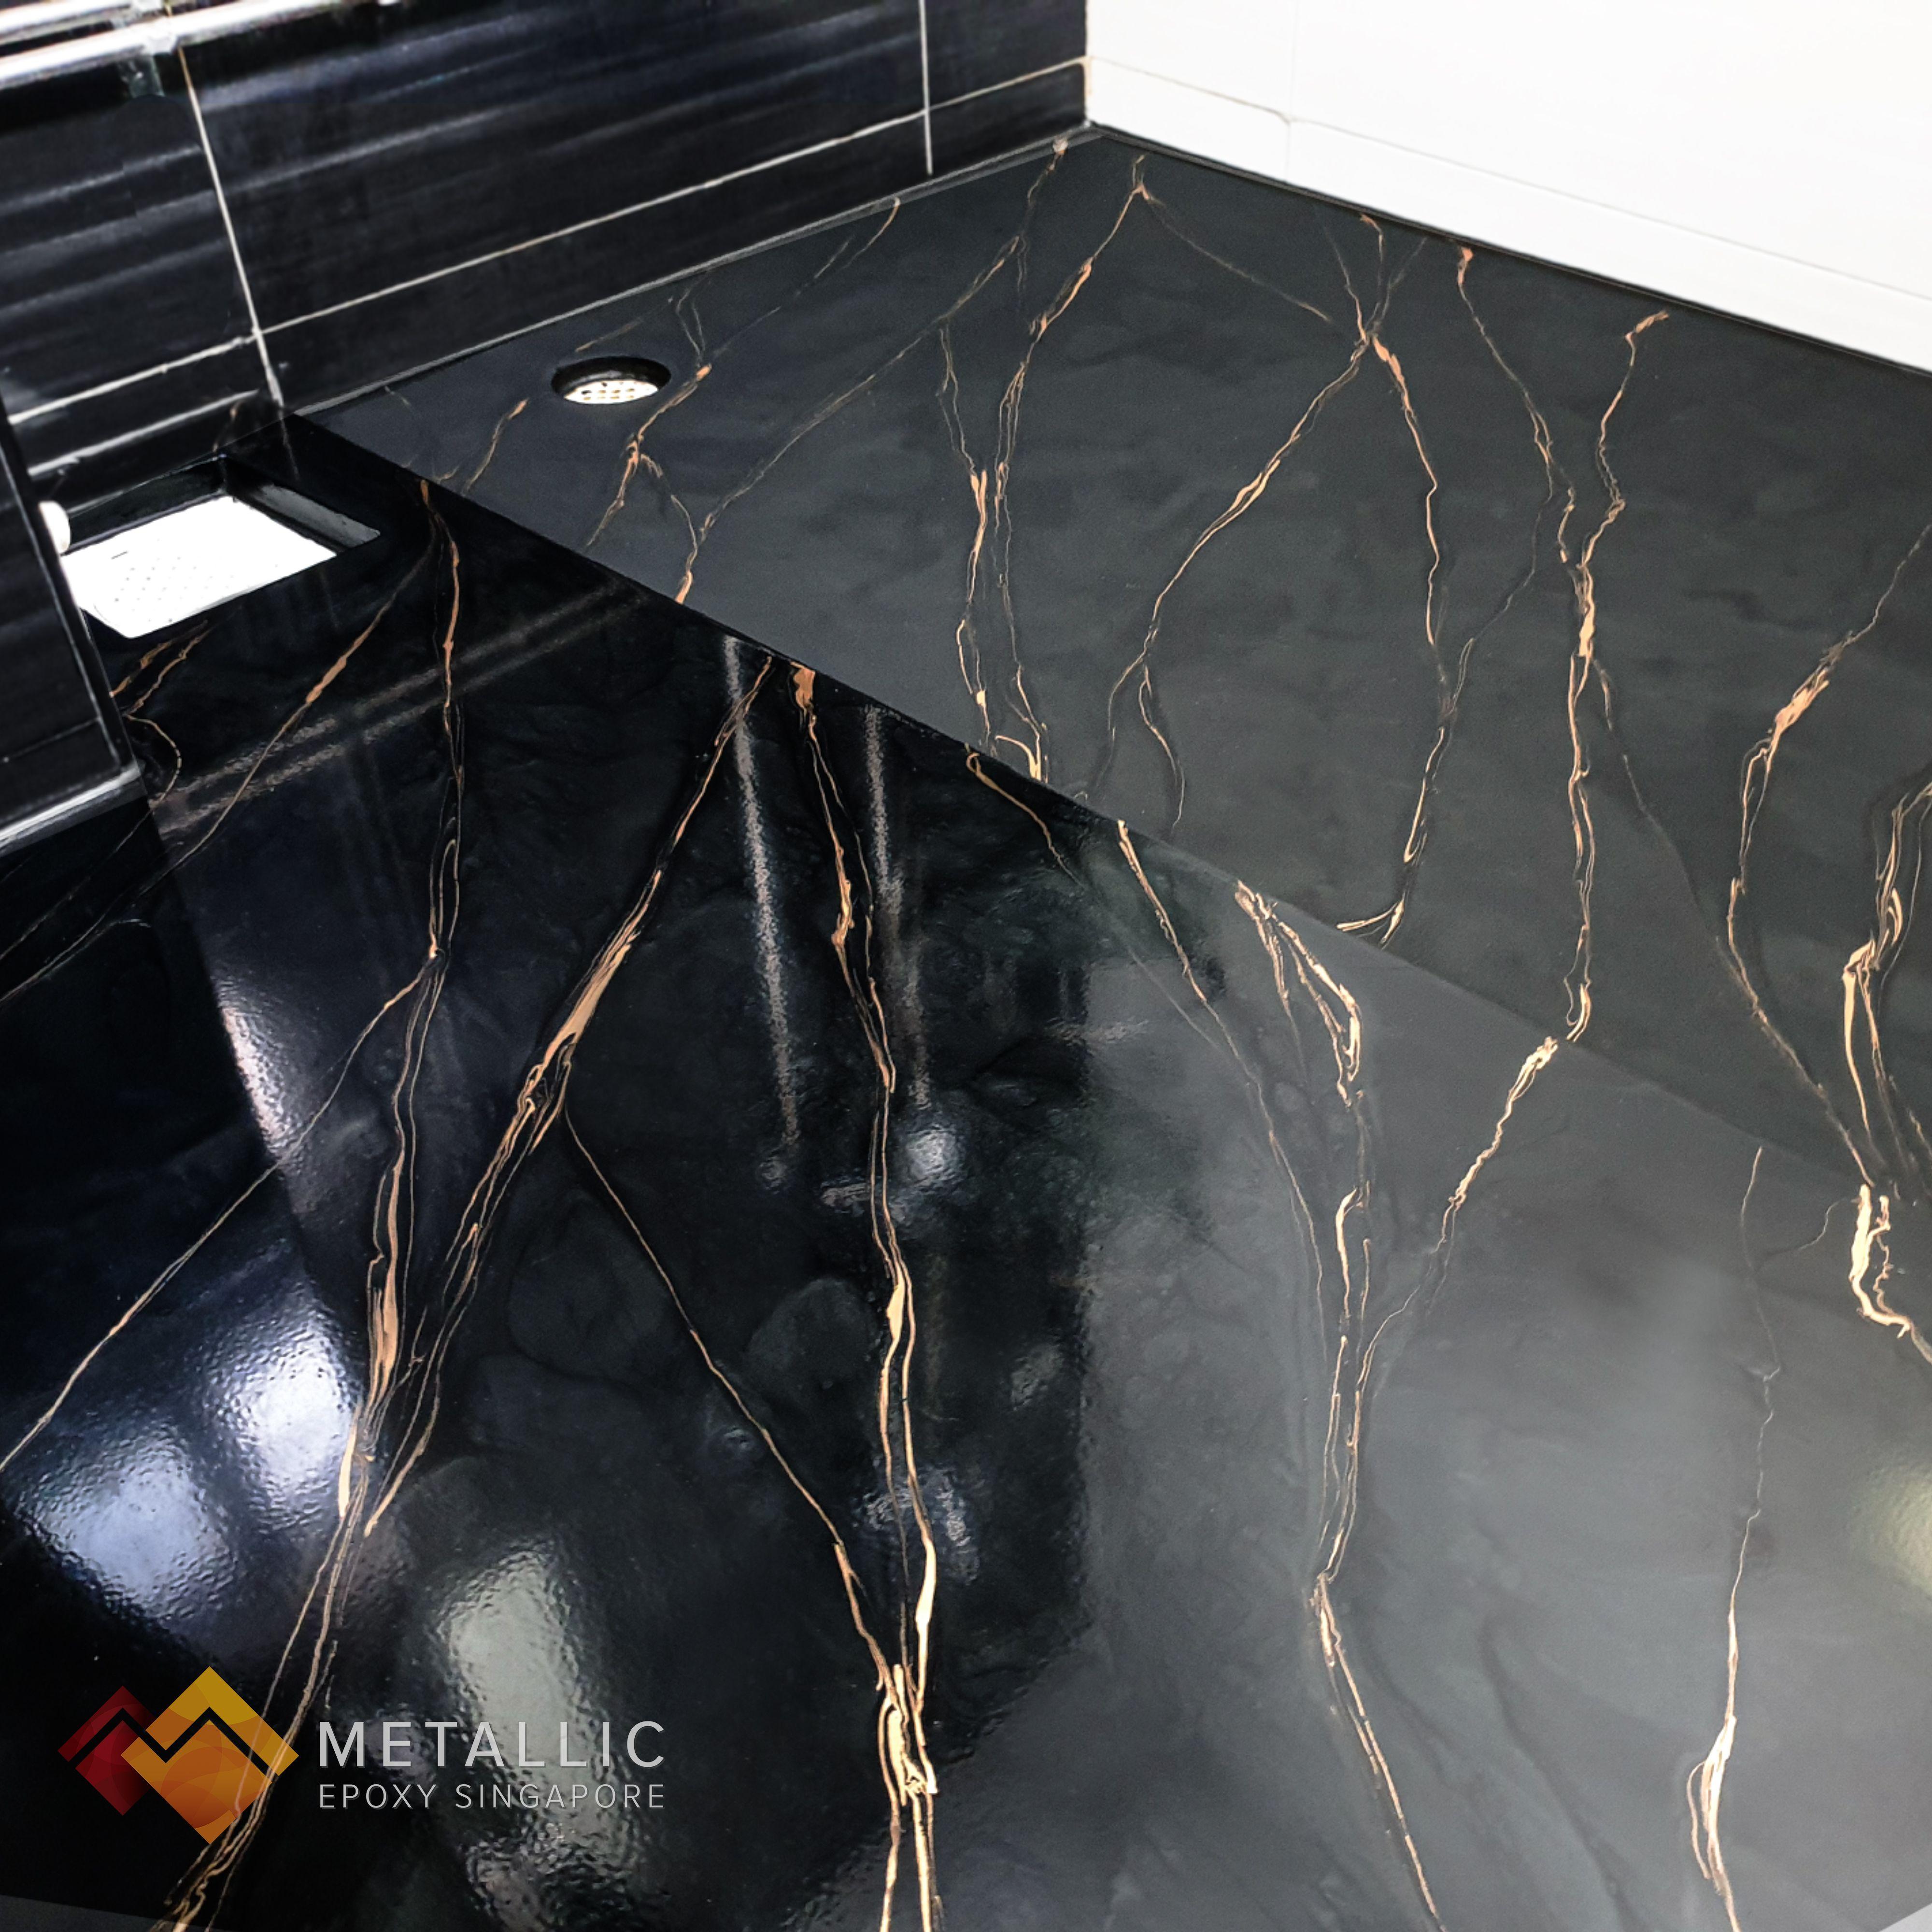 Hdb Metallic Epoxy Floor Resurfacing In 2020 Metallic Epoxy Floor Epoxy Floor Flooring